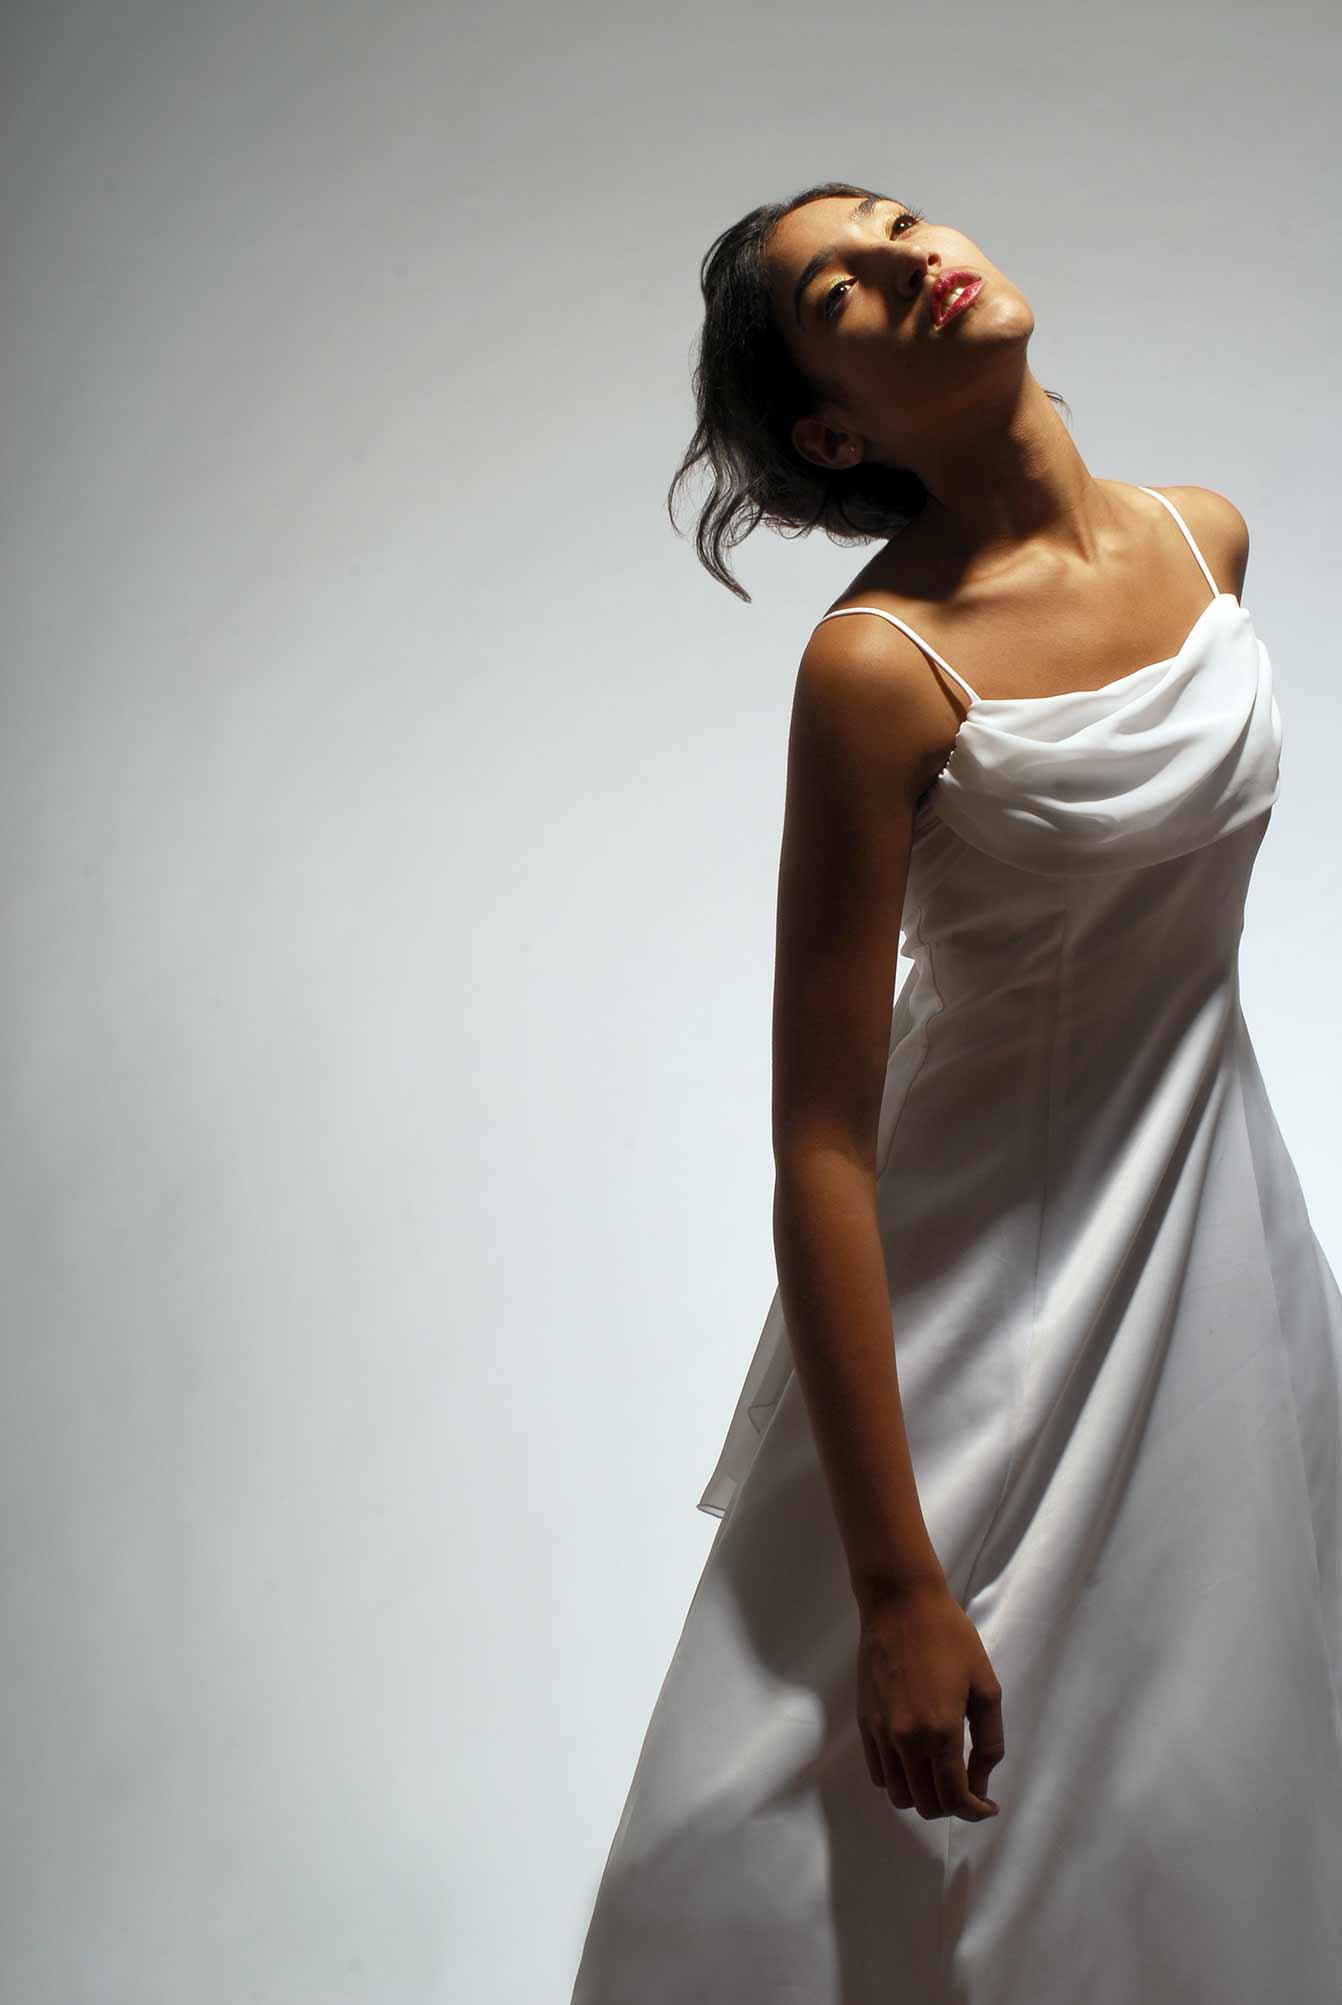 Photographie d'une robe de bal ou de mariée sobre / séance photo de portfolio de mode